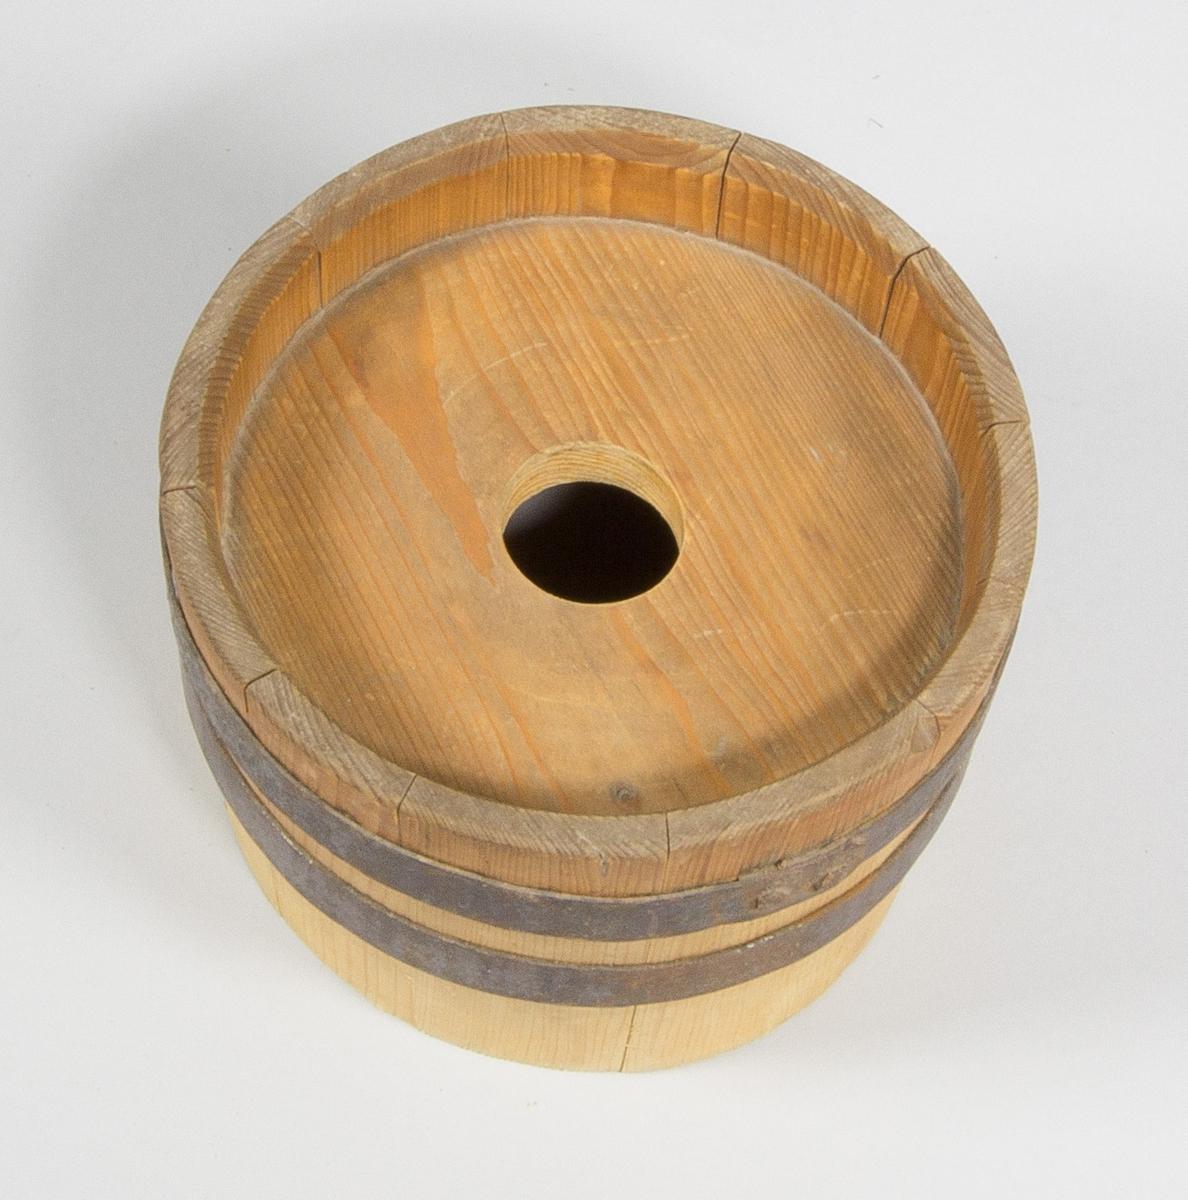 Lock till smörkärna, i trä. Laggade höga väggar med två järnband runt omkring. I mitten rund platta med hål för kärnstaven.